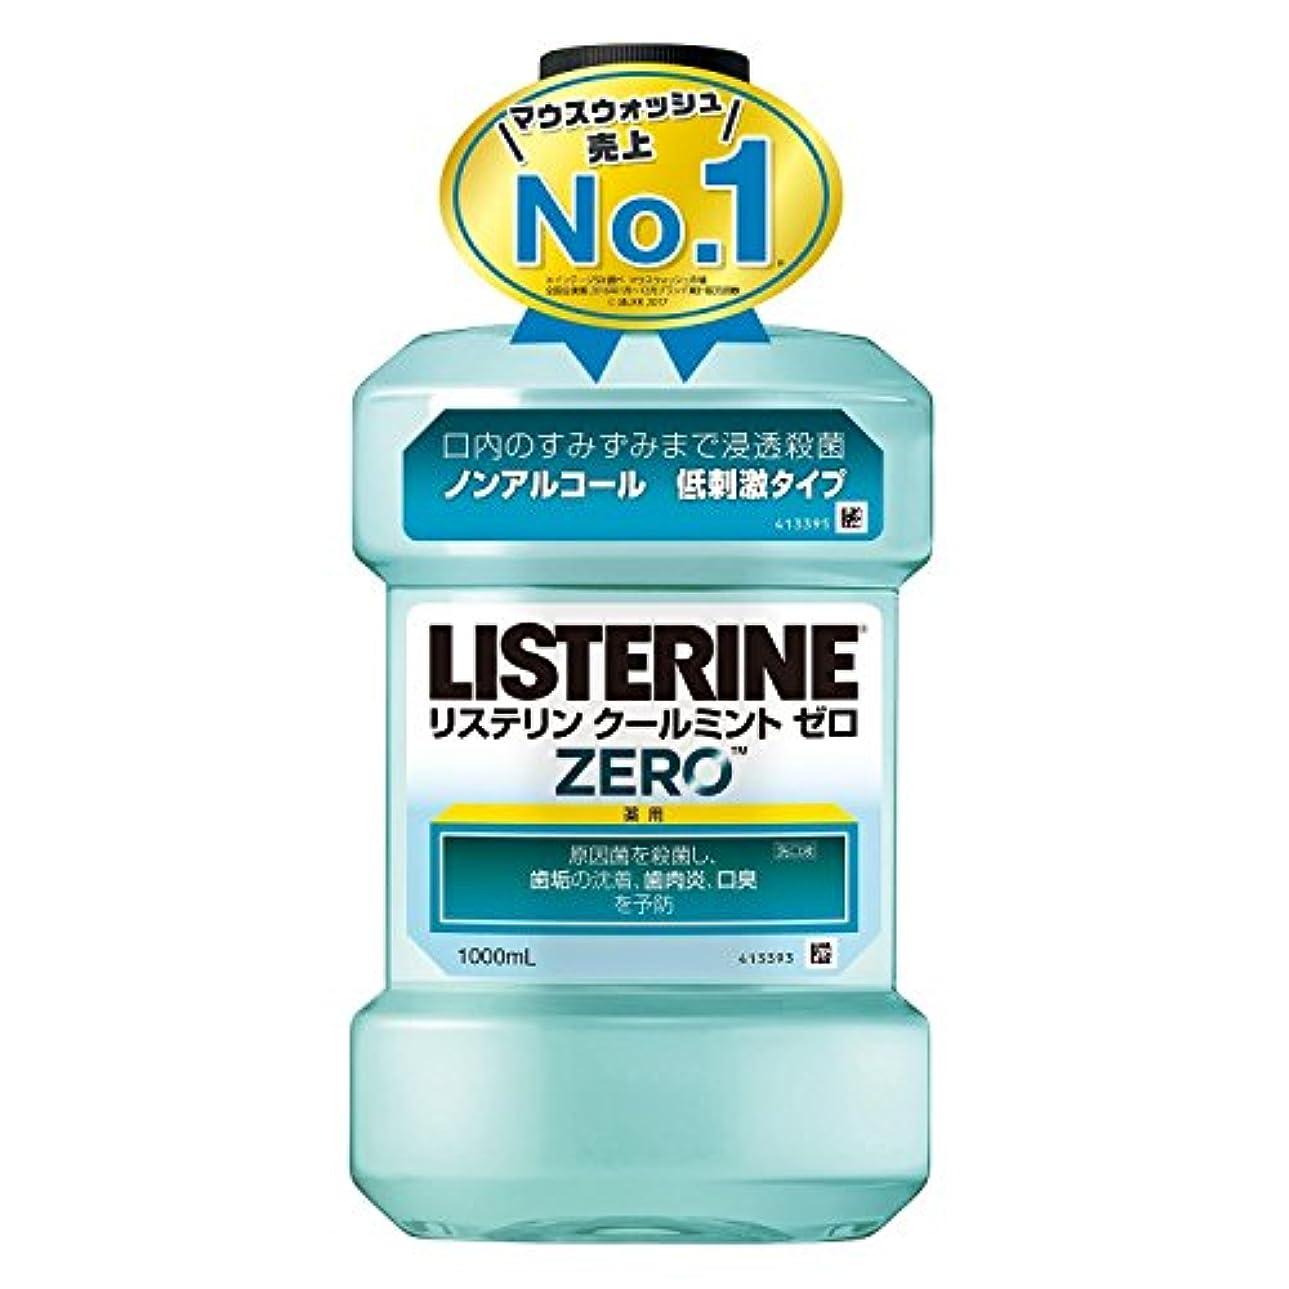 注入層薬用 リステリン クールミントゼロ マウスウォッシュ 低刺激 1000mL 【医薬部外品】